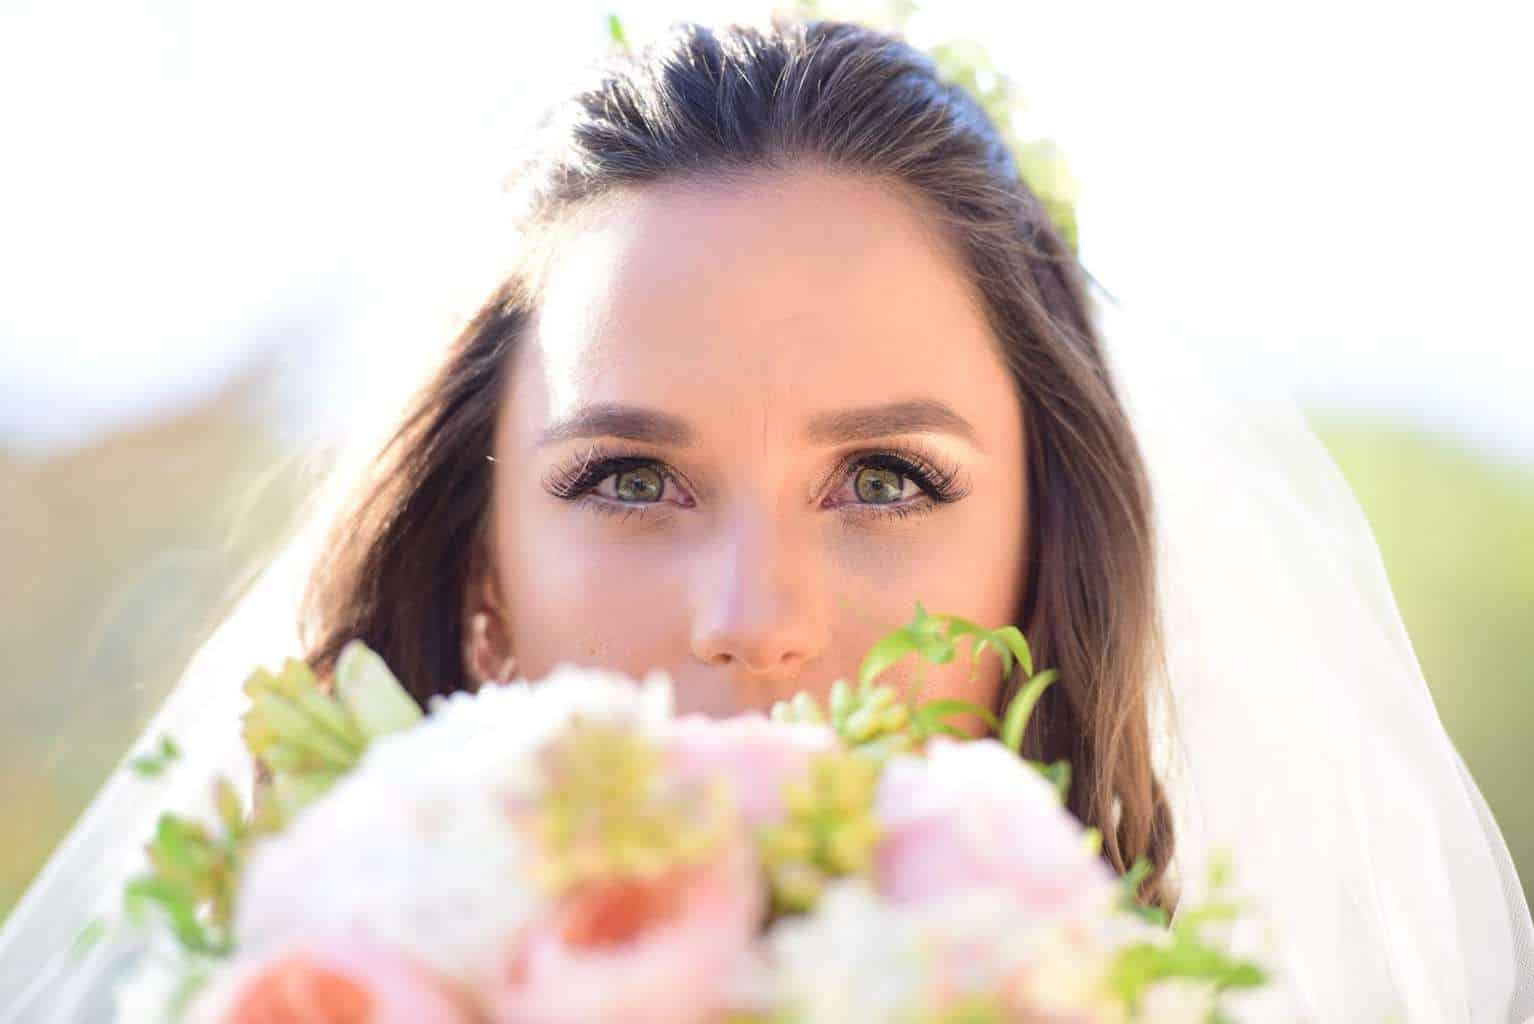 casamento-boho-Casamento-Nicolle-e-Pedro-casamento-rosa-Estalagem-Alter-Real-Fotografia-Estudio-Maria-Celia-Siqueira-Fotografia-Rosana-Sales-Goiania-91